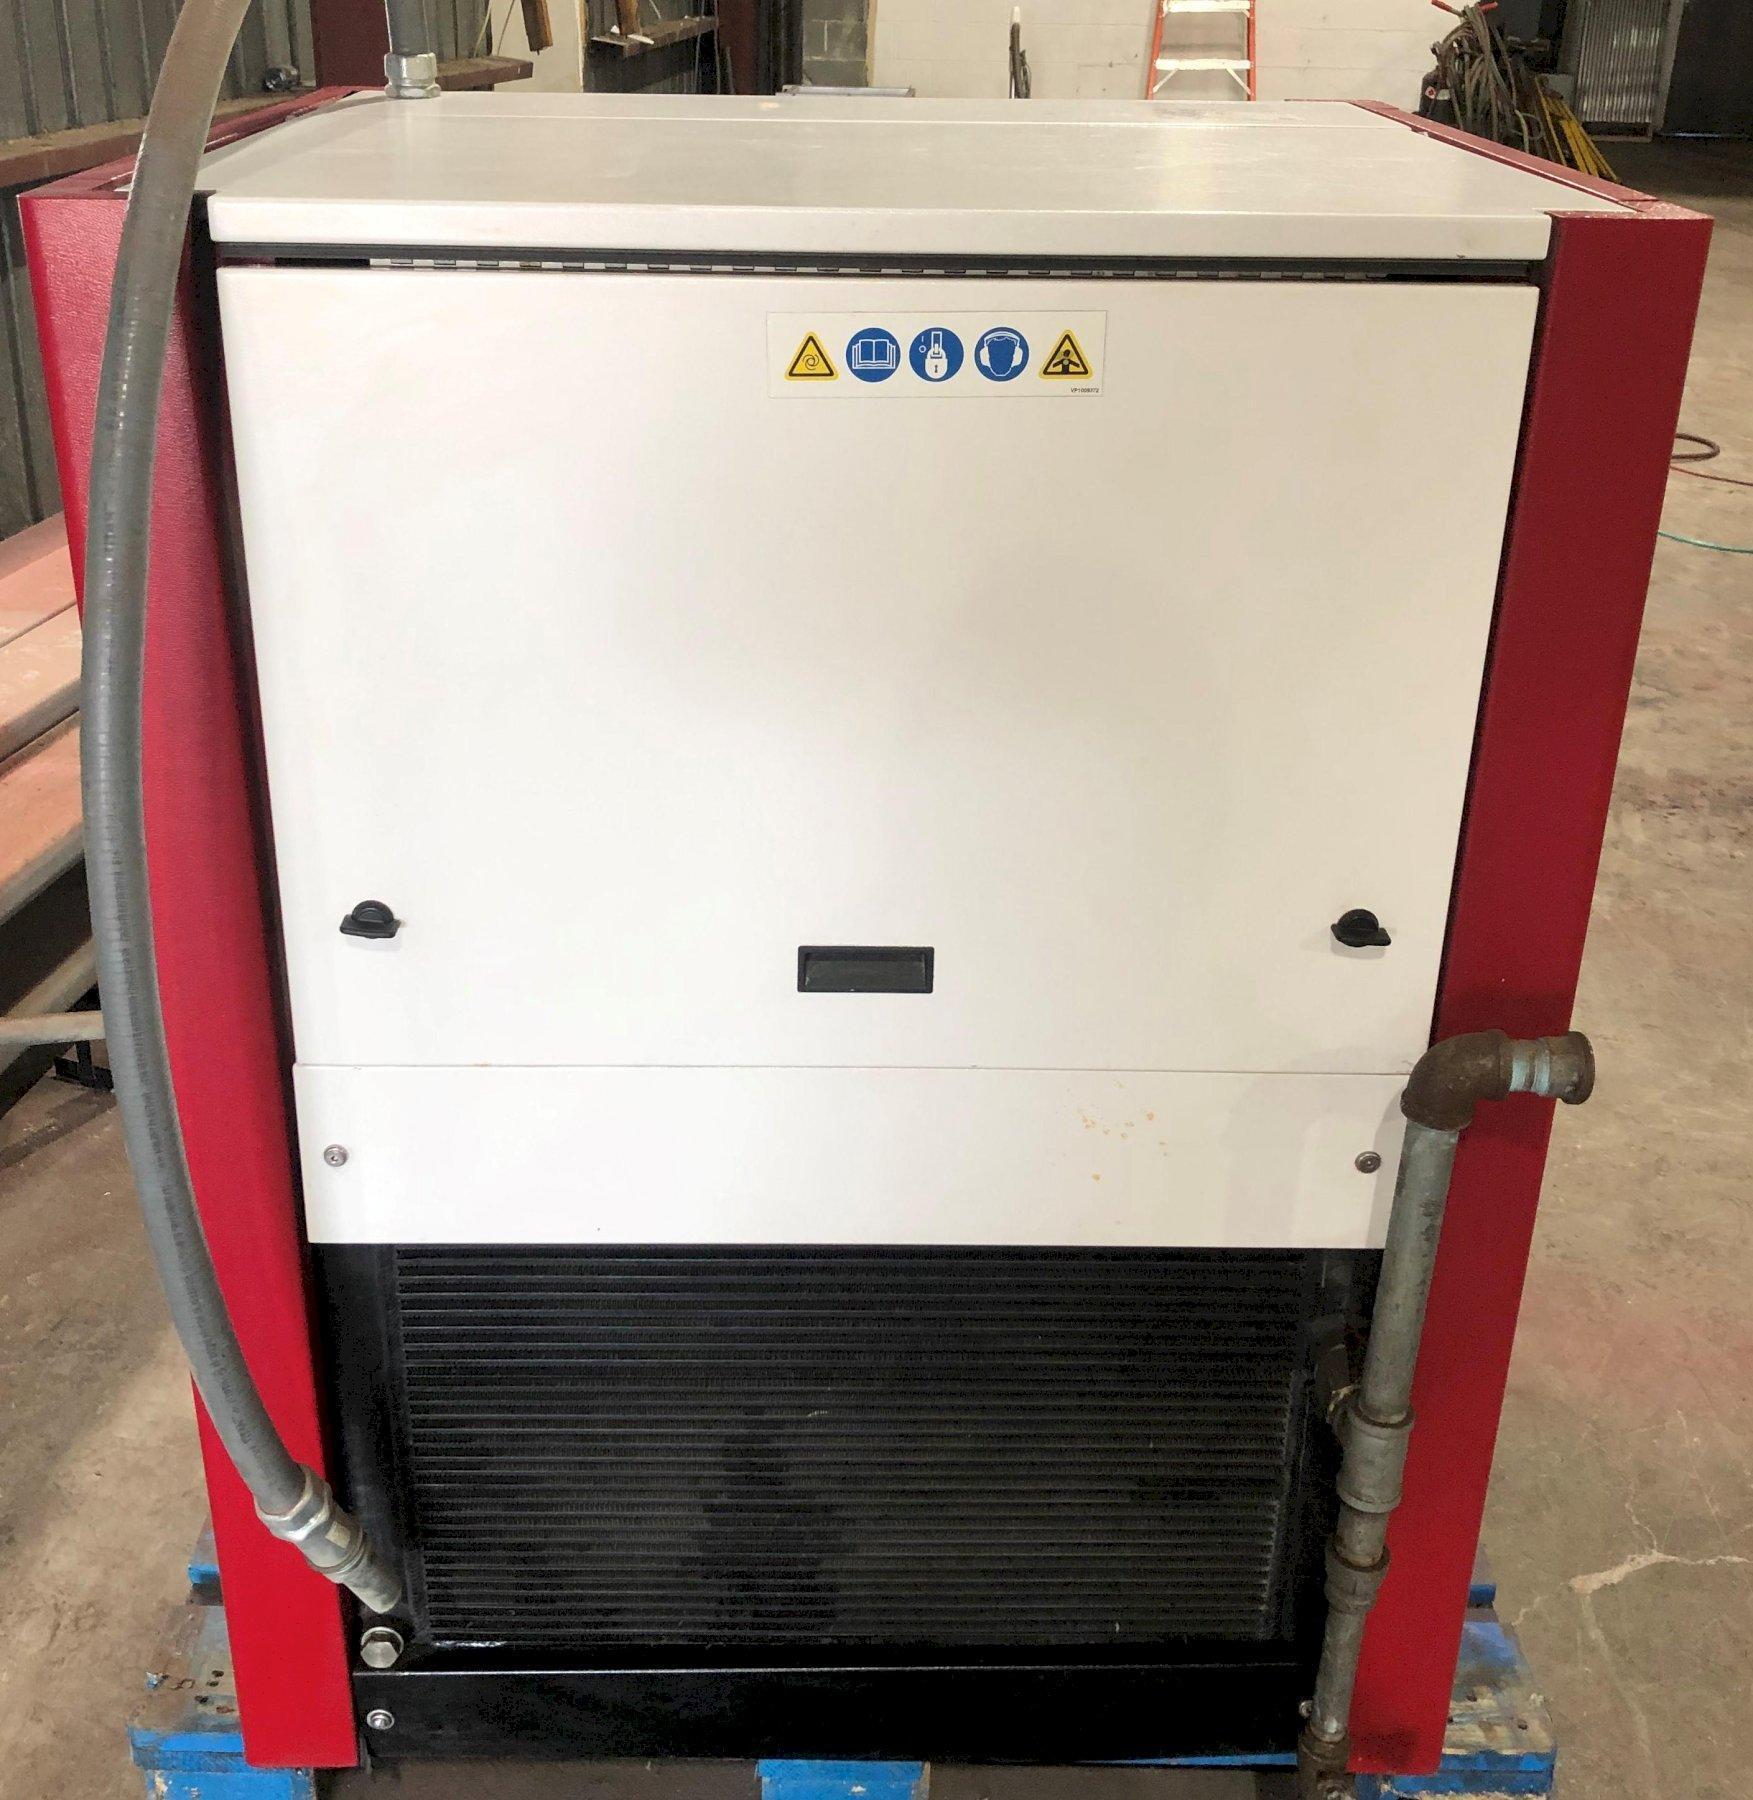 20 HP Gardner Denver Rotary Air Compressor, 125 PSI, Excellent